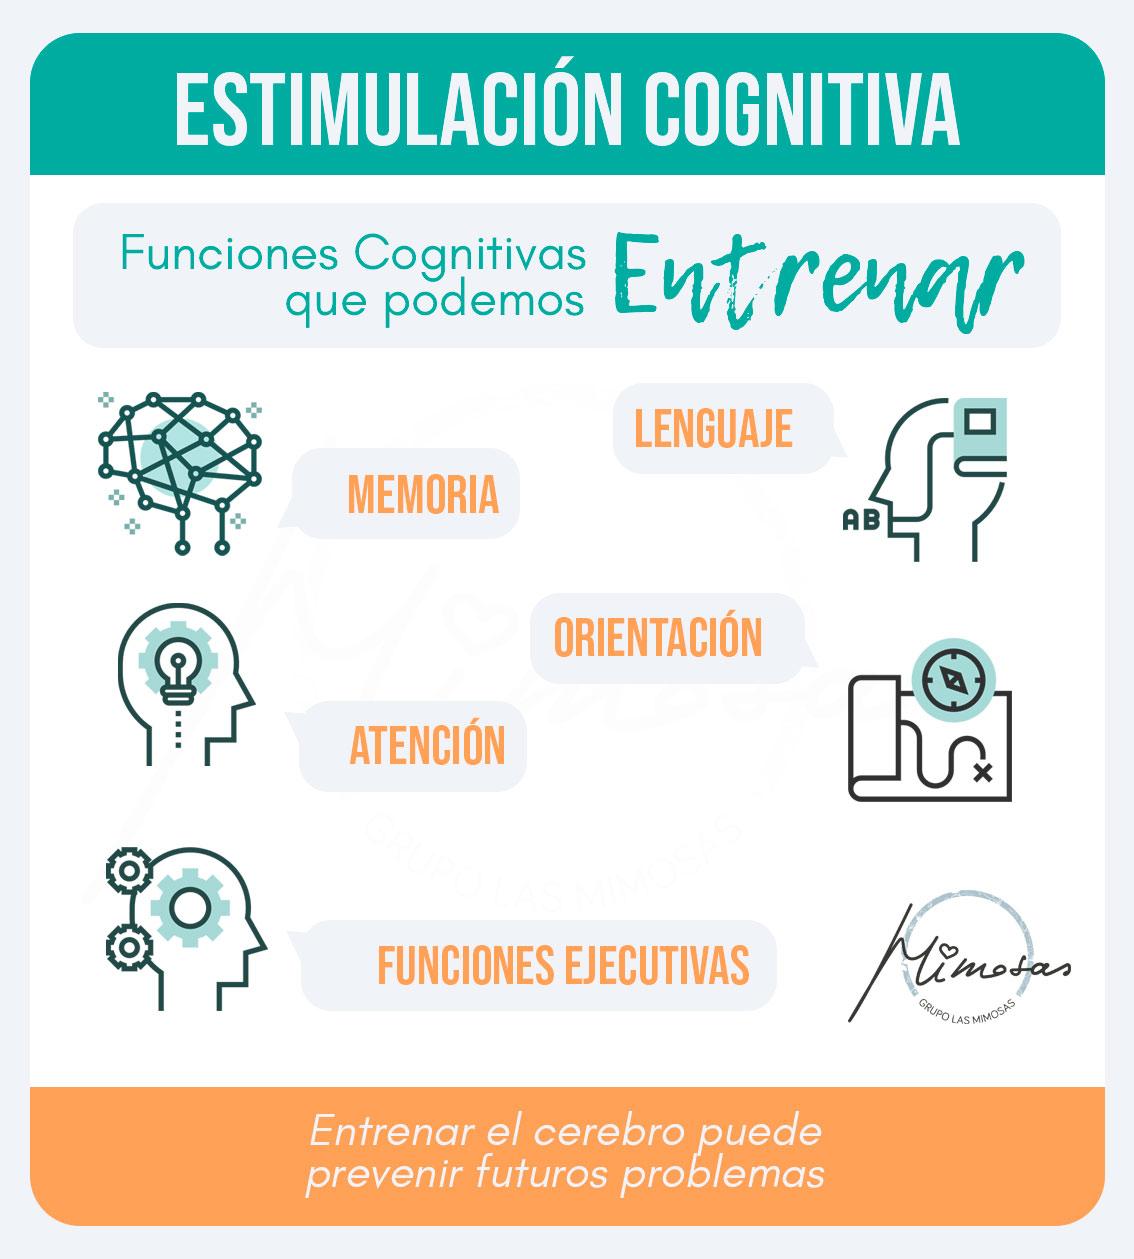 Infografía sobre qué funciones cognitivas podemos entrenar con ejercicios de estimulación cognitiva